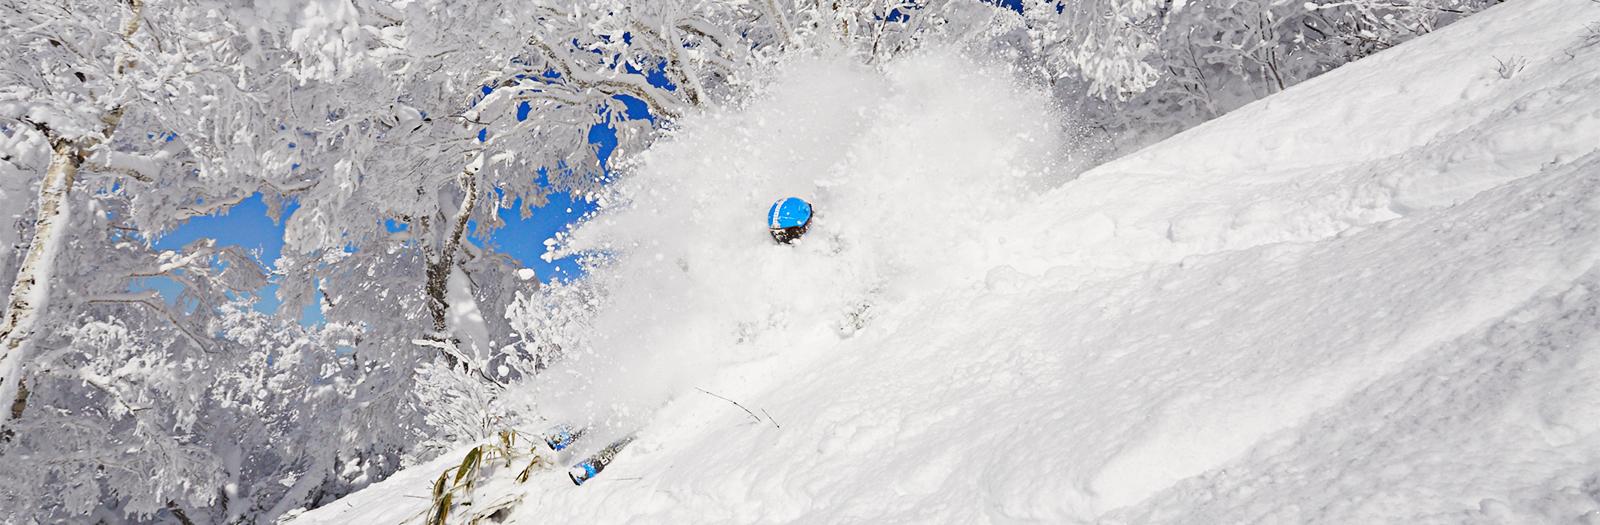 kiroro ski resort, kiroro japan, kiroro resort, hokkaido, powder